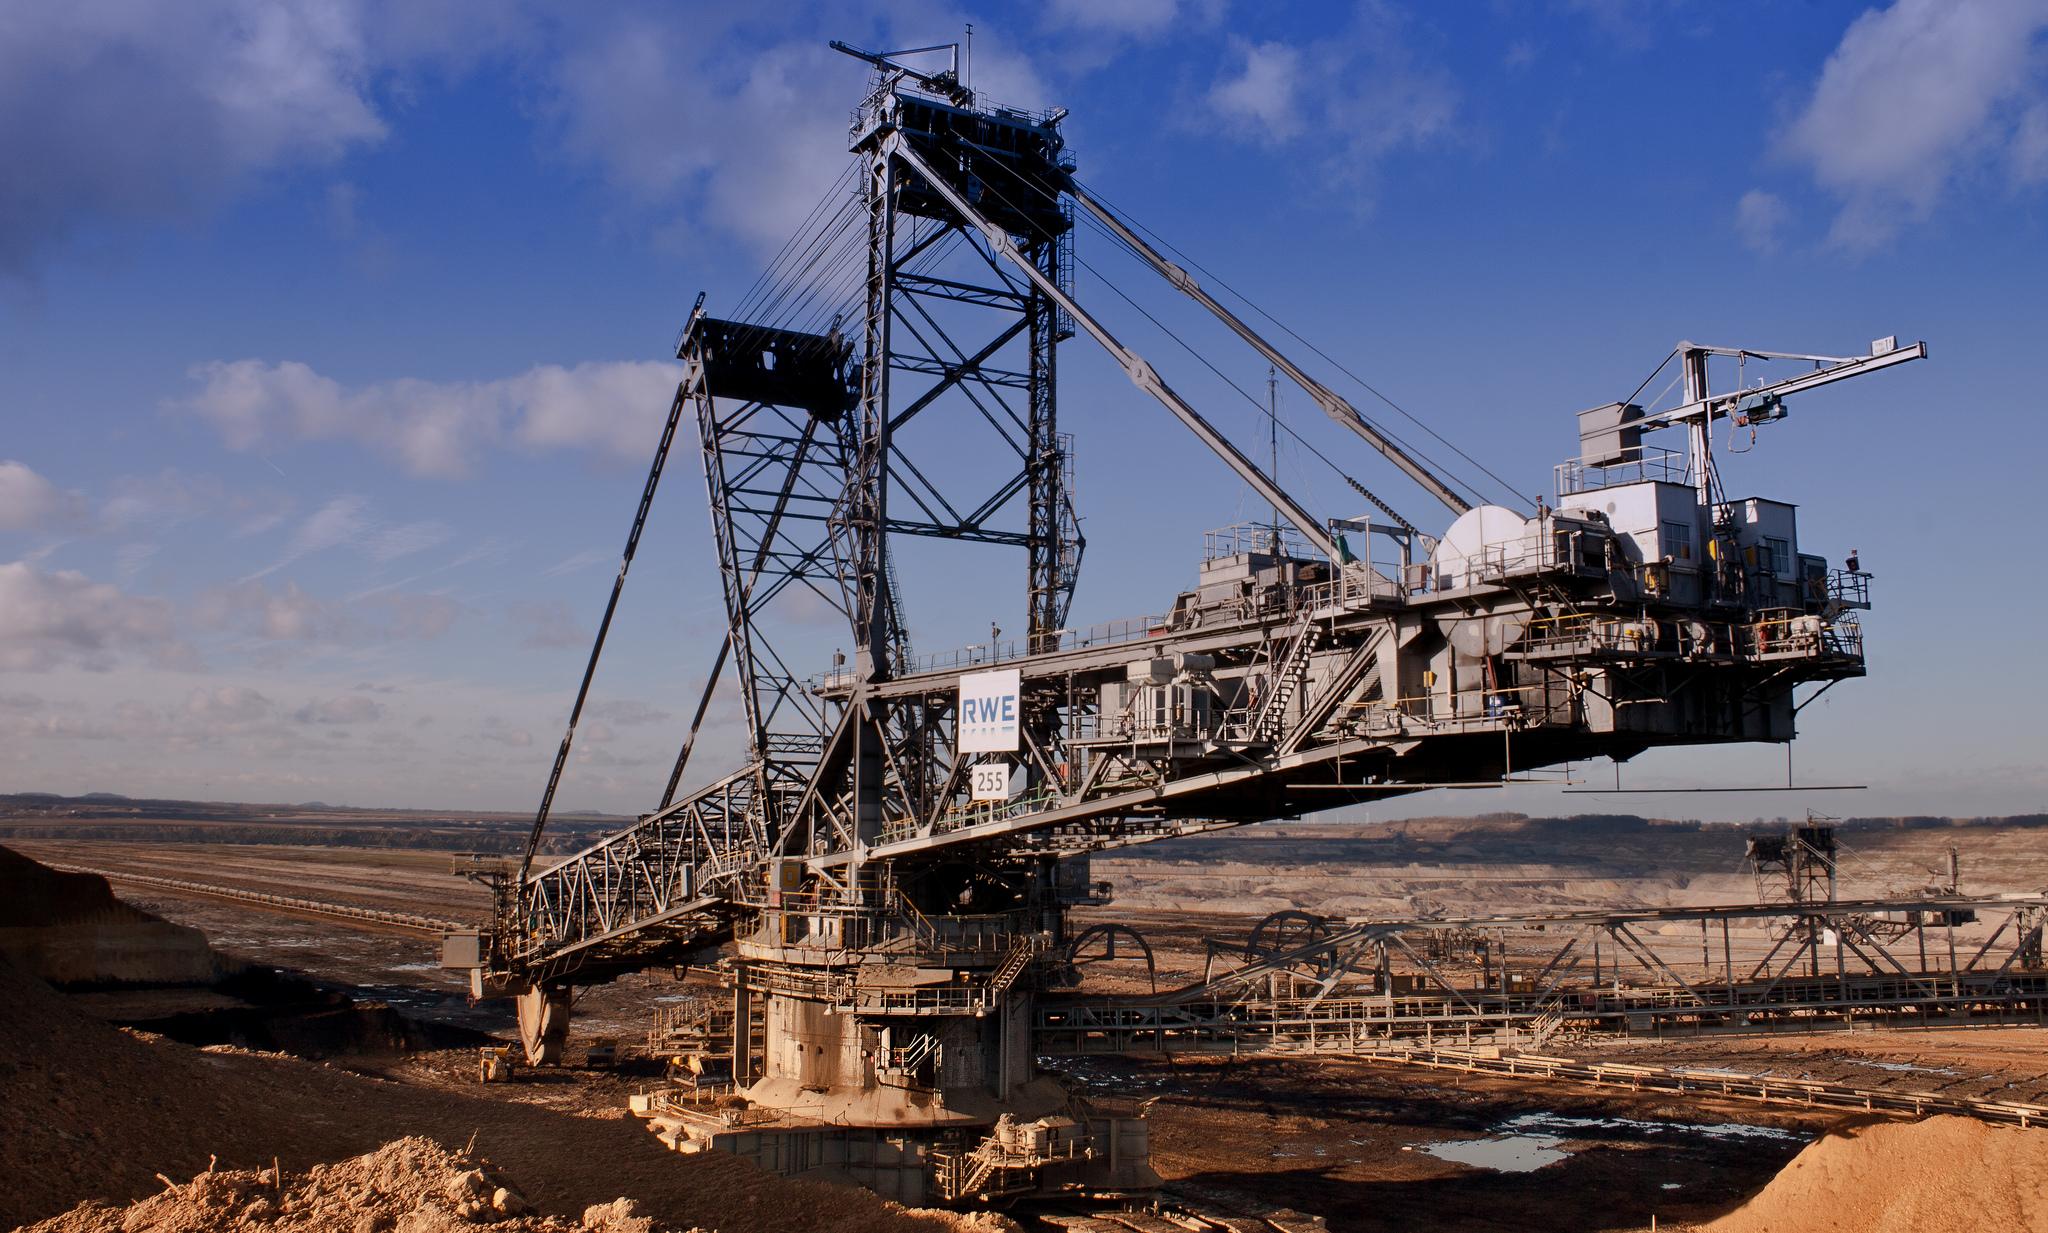 Braunkohle als Quelle von klimaschädlichen Emissionen soll zunehmend durch Erneuerbare Energien ersetzt werden.